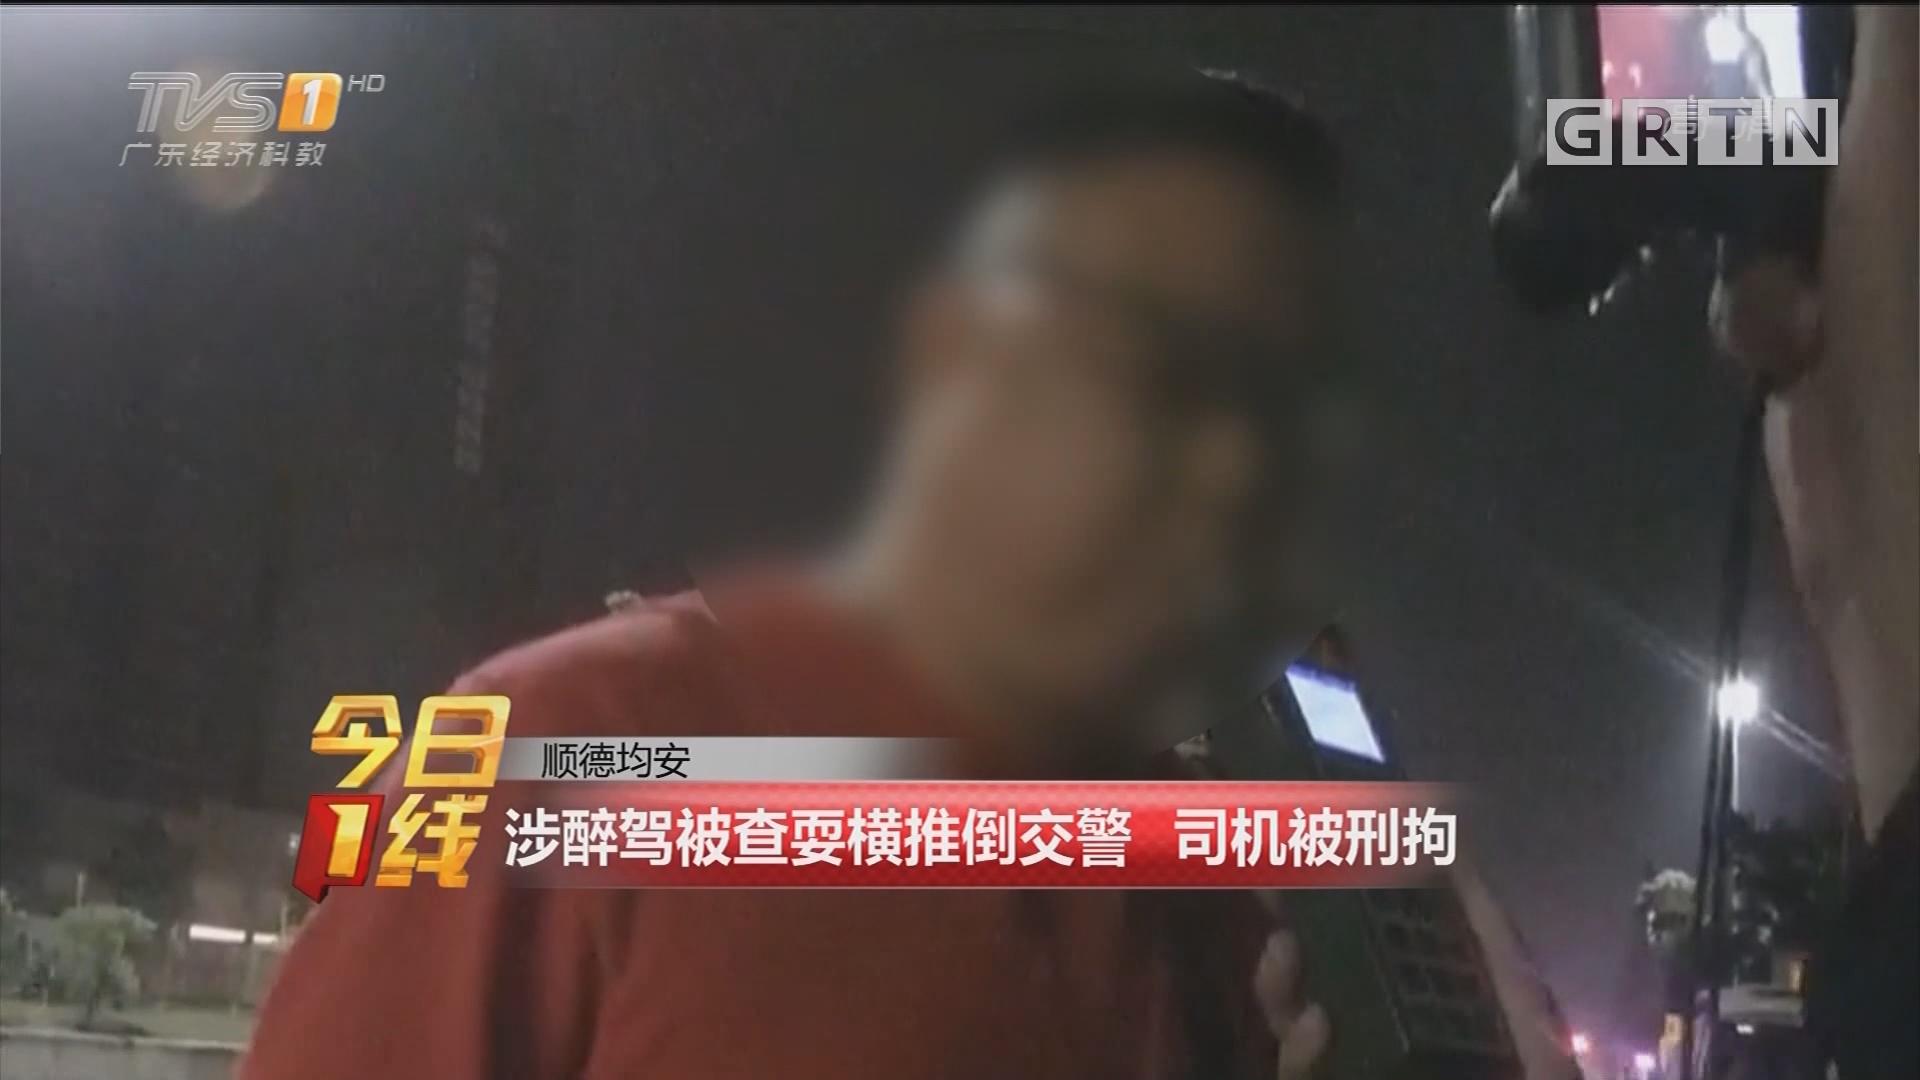 顺德均安:涉醉驾被查耍横推倒交警 司机被刑拘